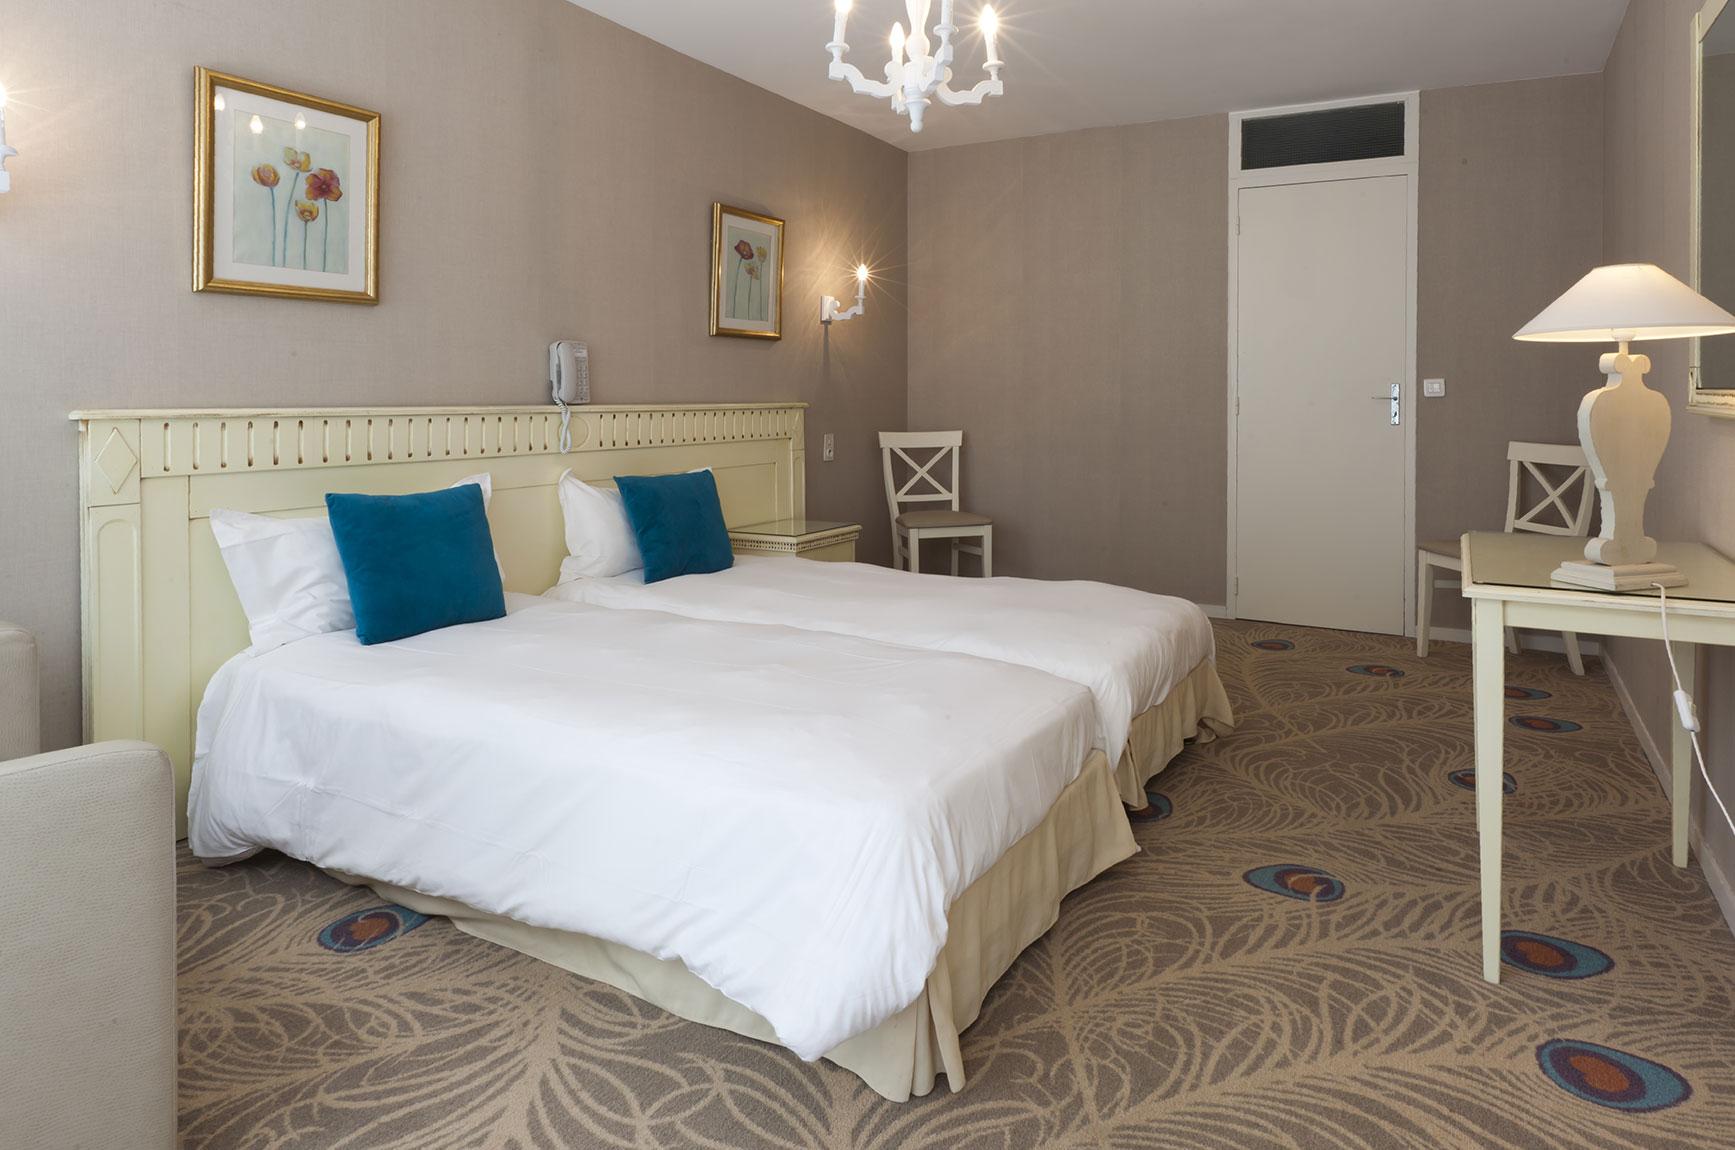 chambre 2 lits jumeaux h tel du parc. Black Bedroom Furniture Sets. Home Design Ideas